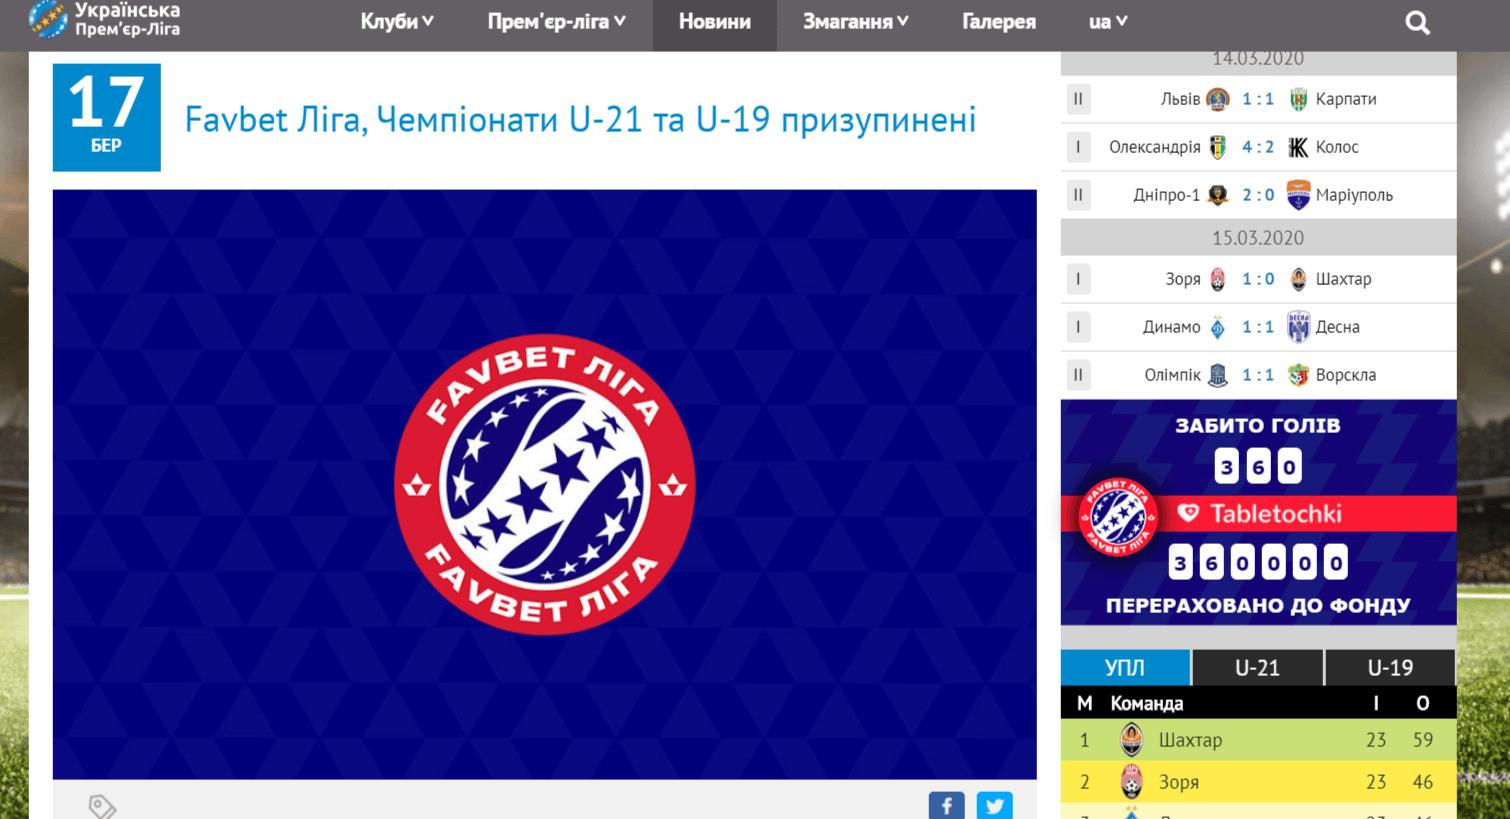 Украинская Премьер-лига на карантине: хроники коронавируса (обновляется) - изображение 17